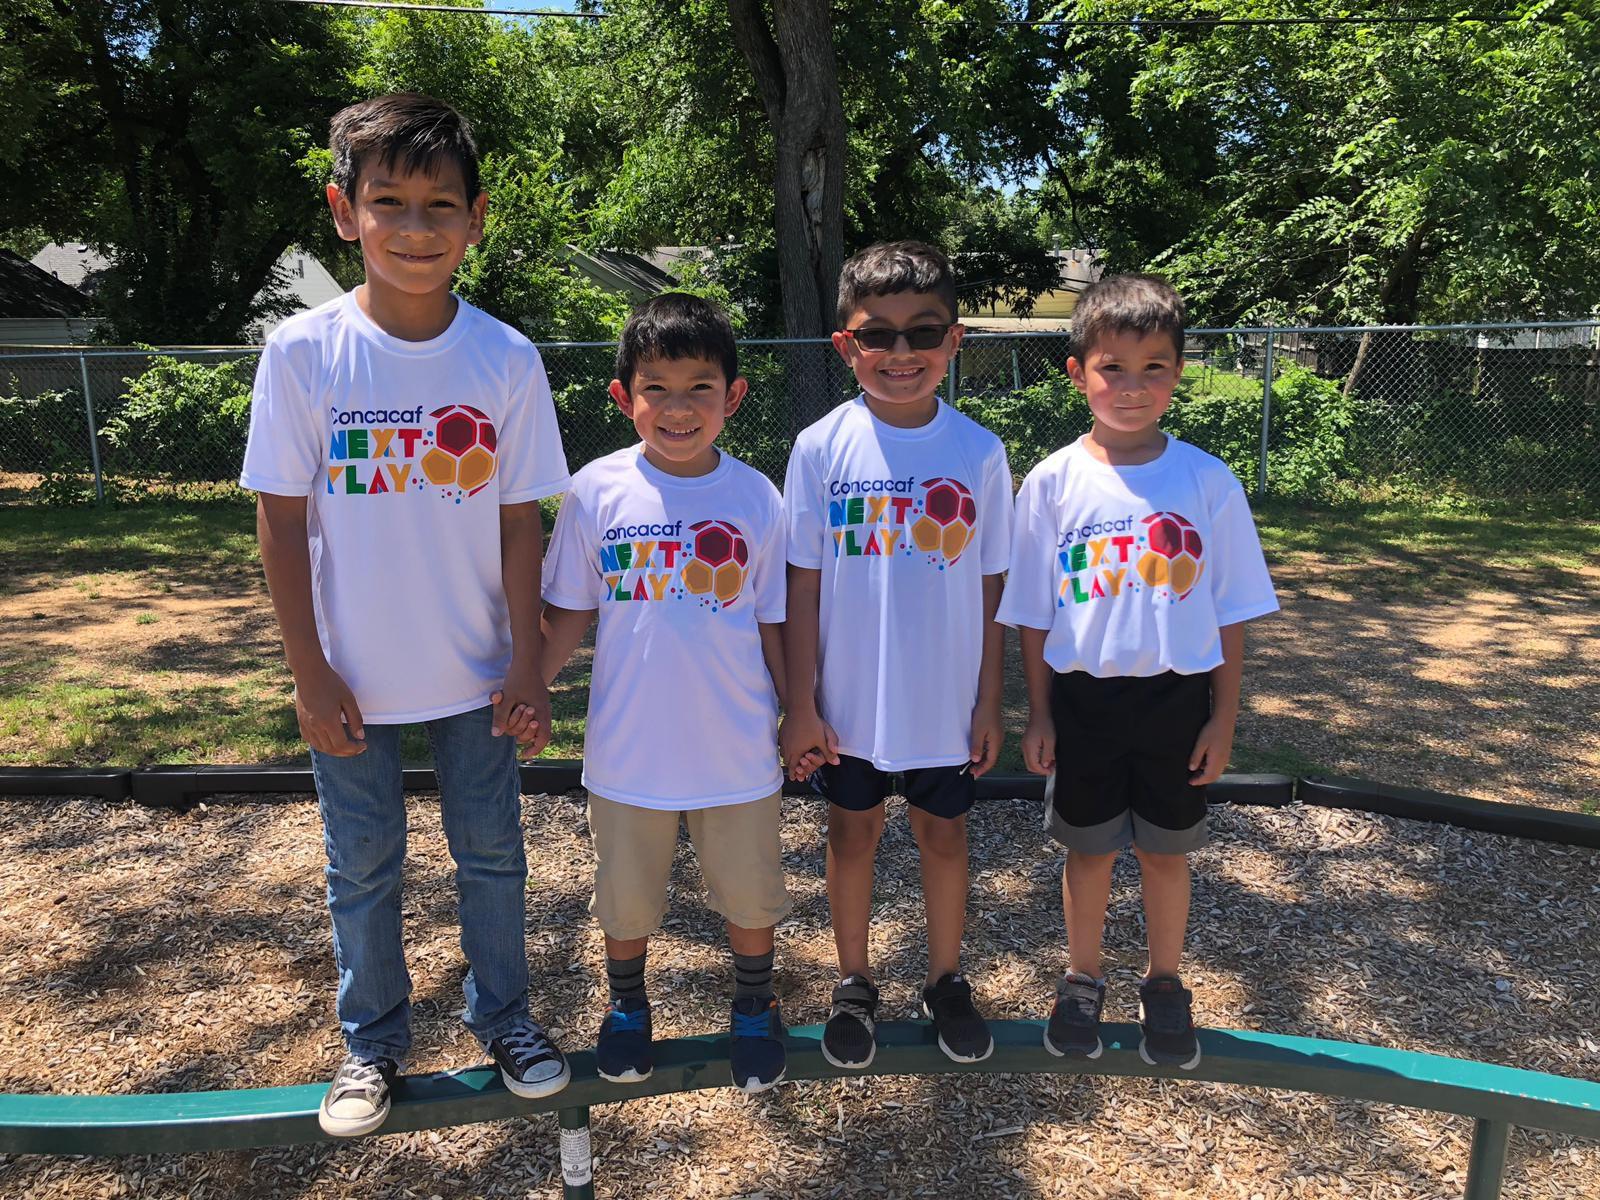 Niños que participaron del programa NextPlay de Concacaf en Hurst. Foto cortesía Concacaf